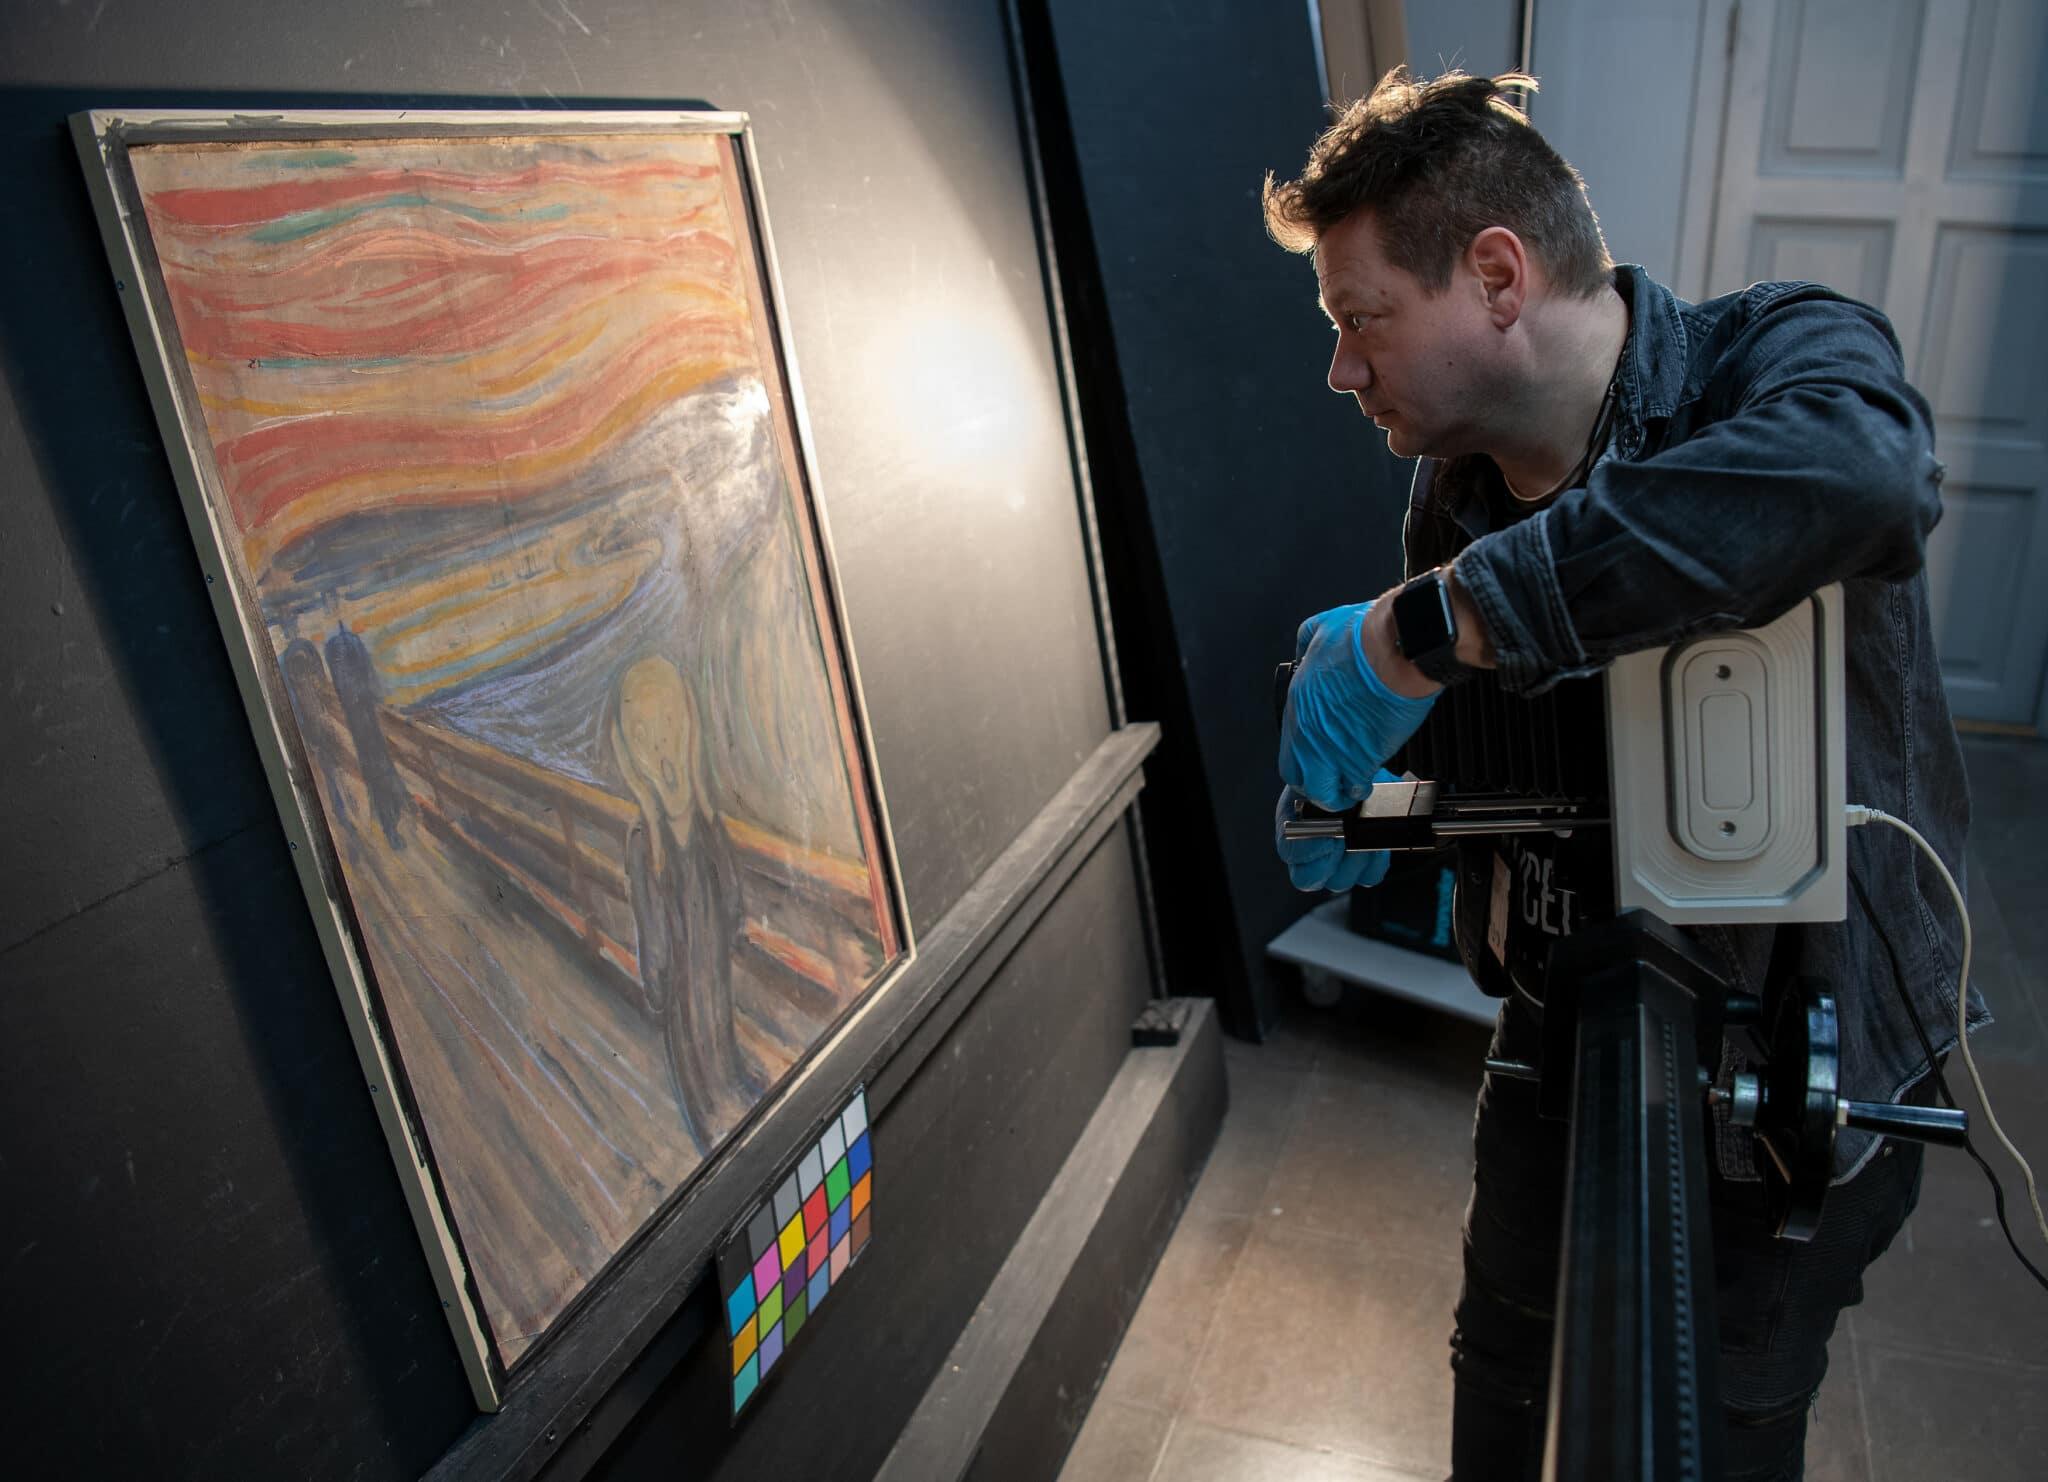 Analýza obrazu Výkřik od Edvarda Muncha